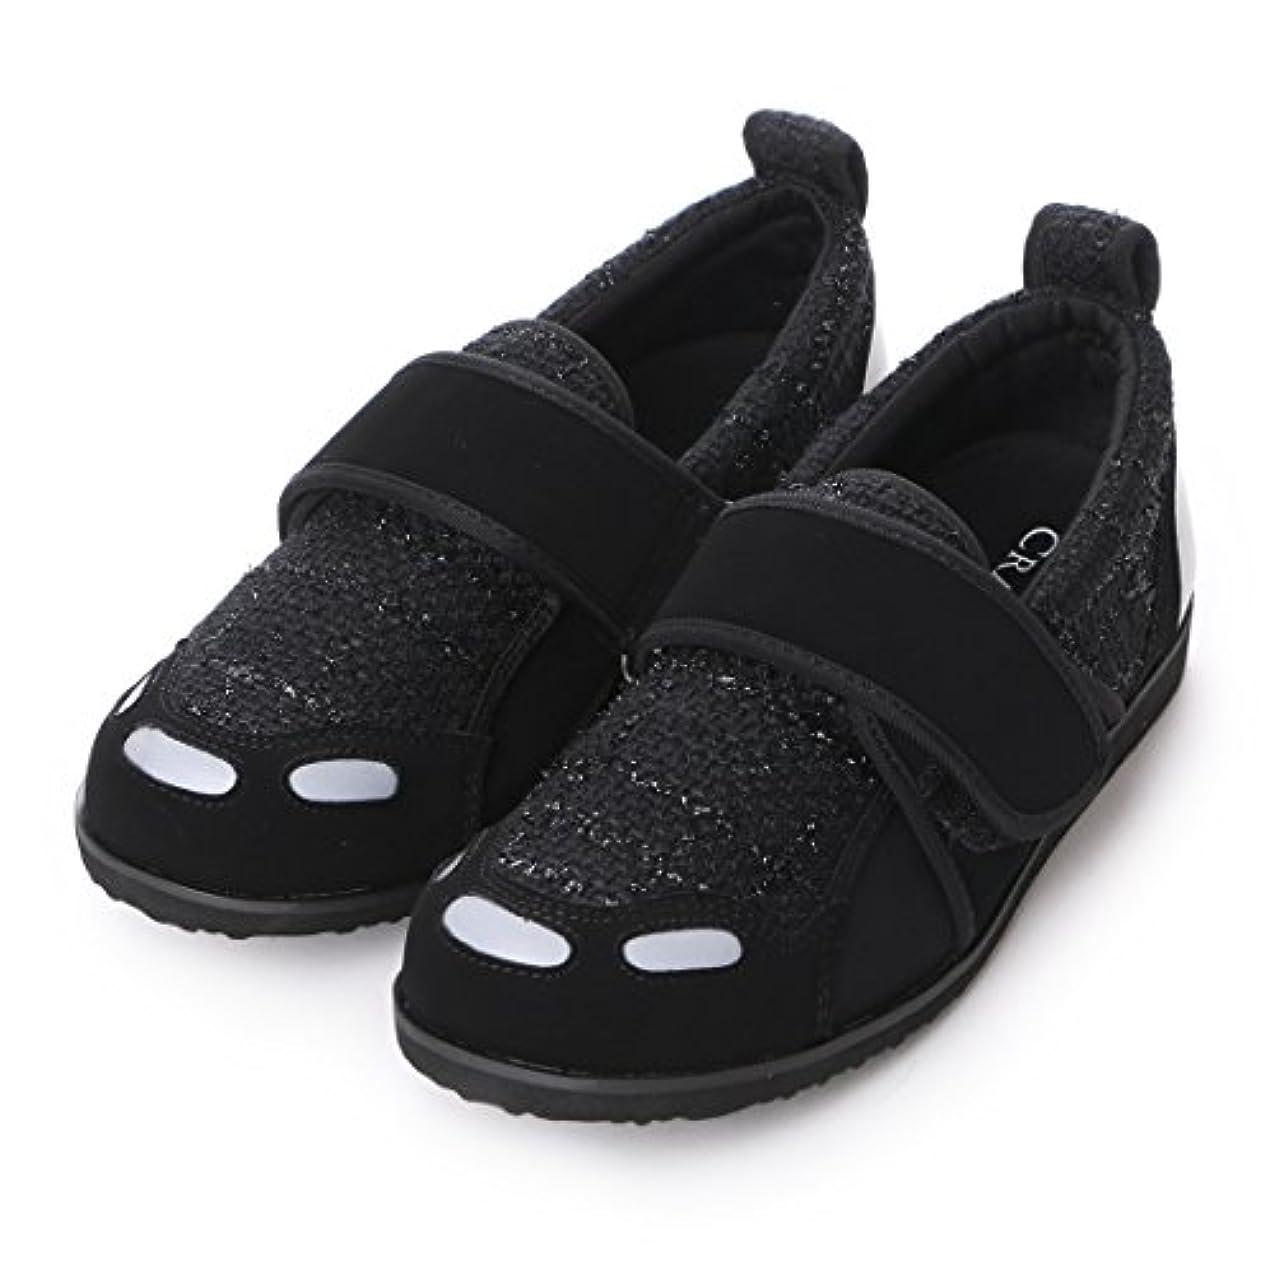 故国はっきりとずらす[クラース] 機能とデザイン凝縮された の原点 リフレクト 婦人靴 ウェルネスシューズ コンフォートシューズ